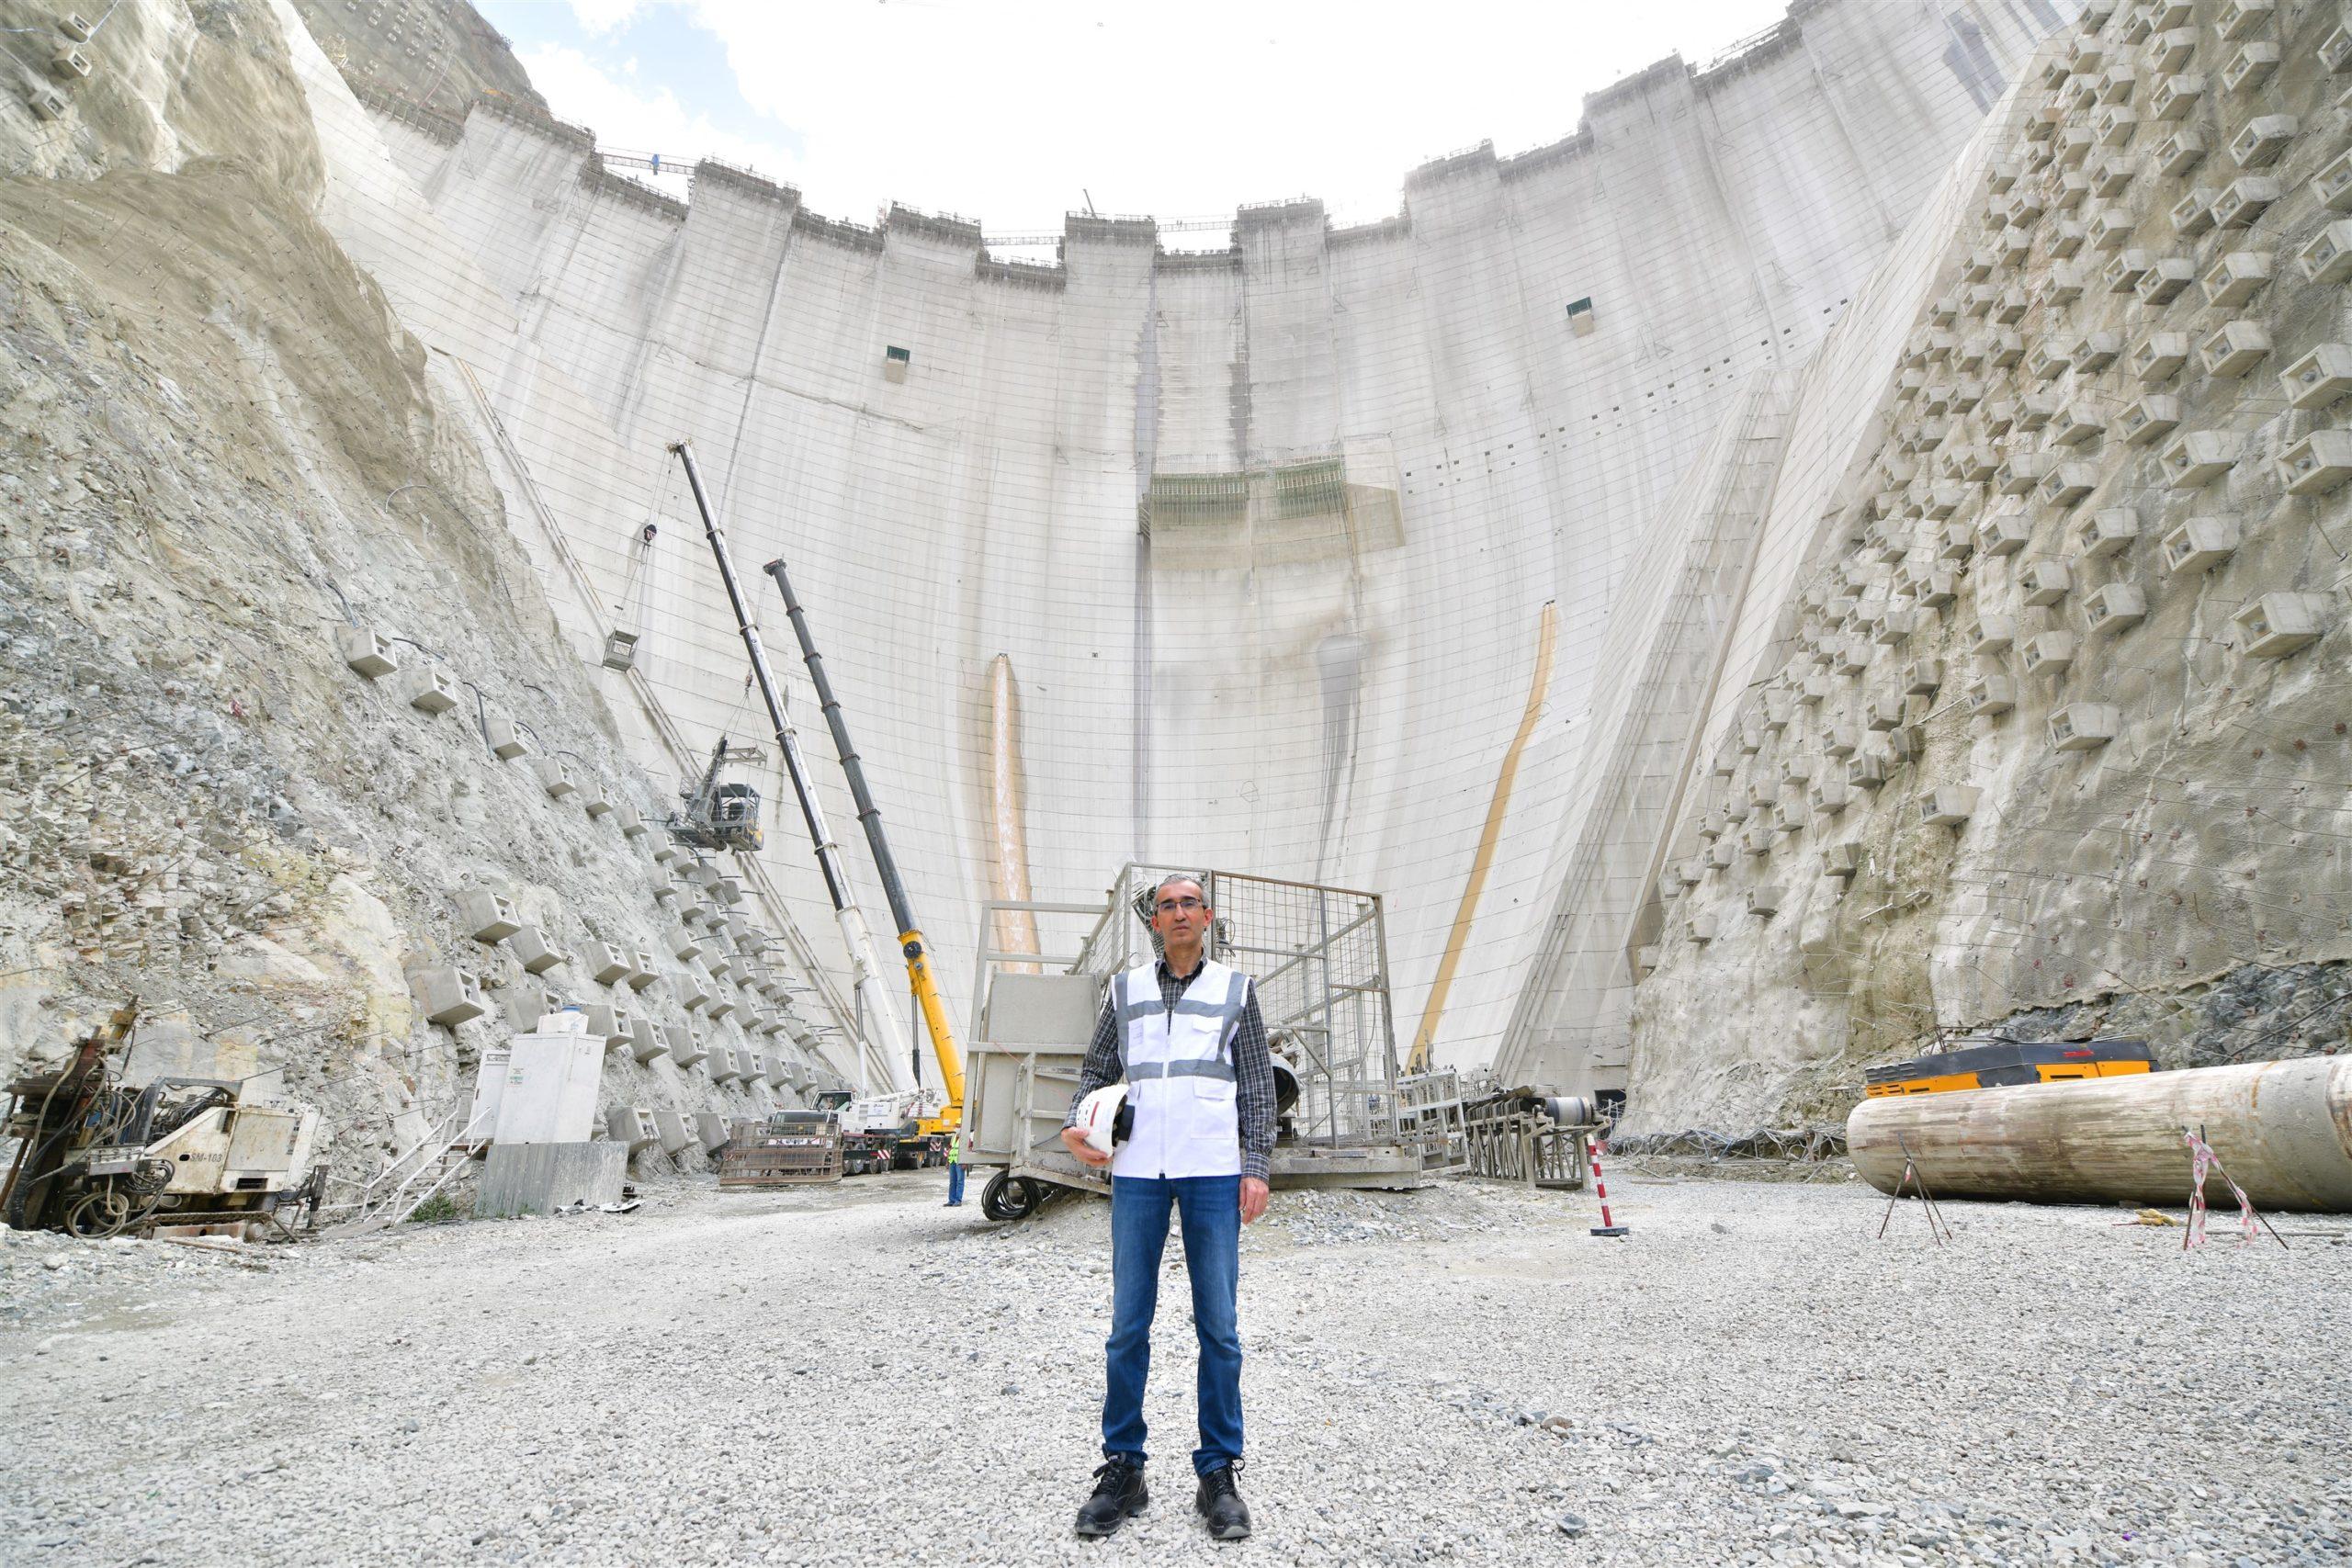 DSİ Yusufeli Barajında İncelemelede